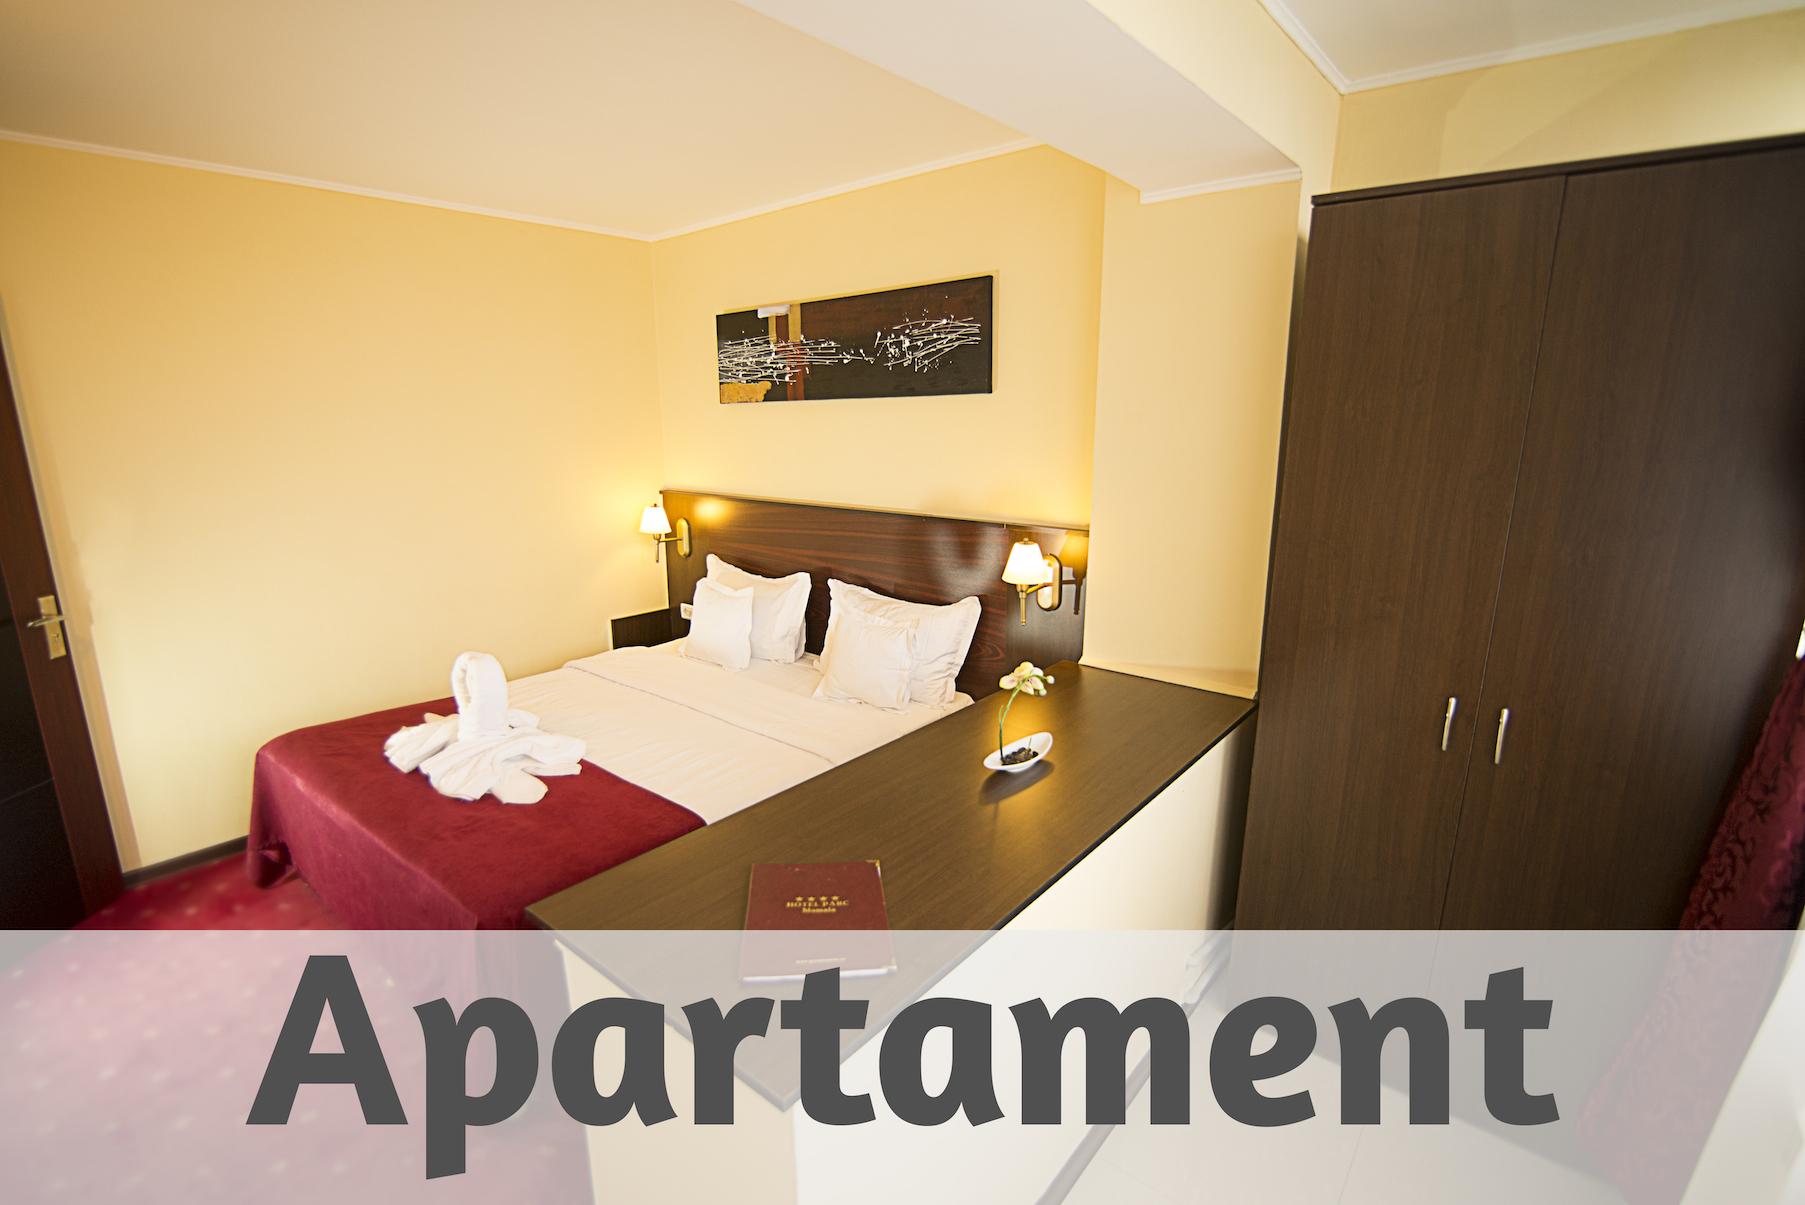 Cazare Apartament - Mamaia